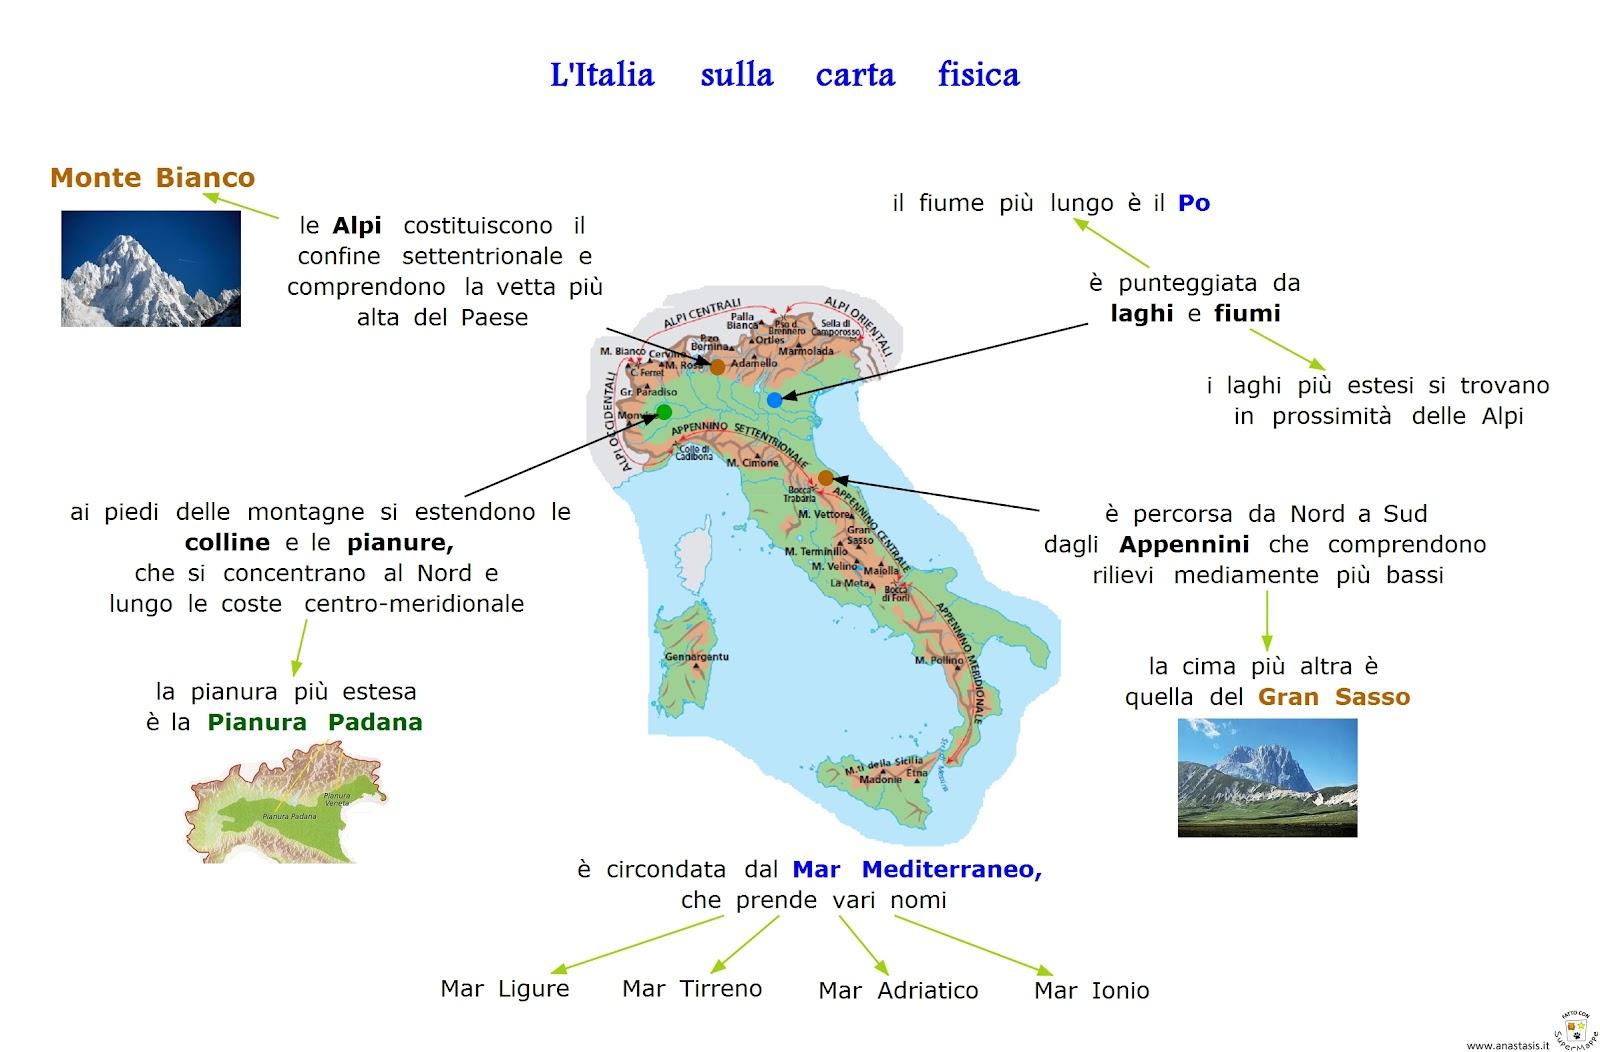 Cartina Italia Centrale E Meridionale.Italia Mappa Mentale Schema